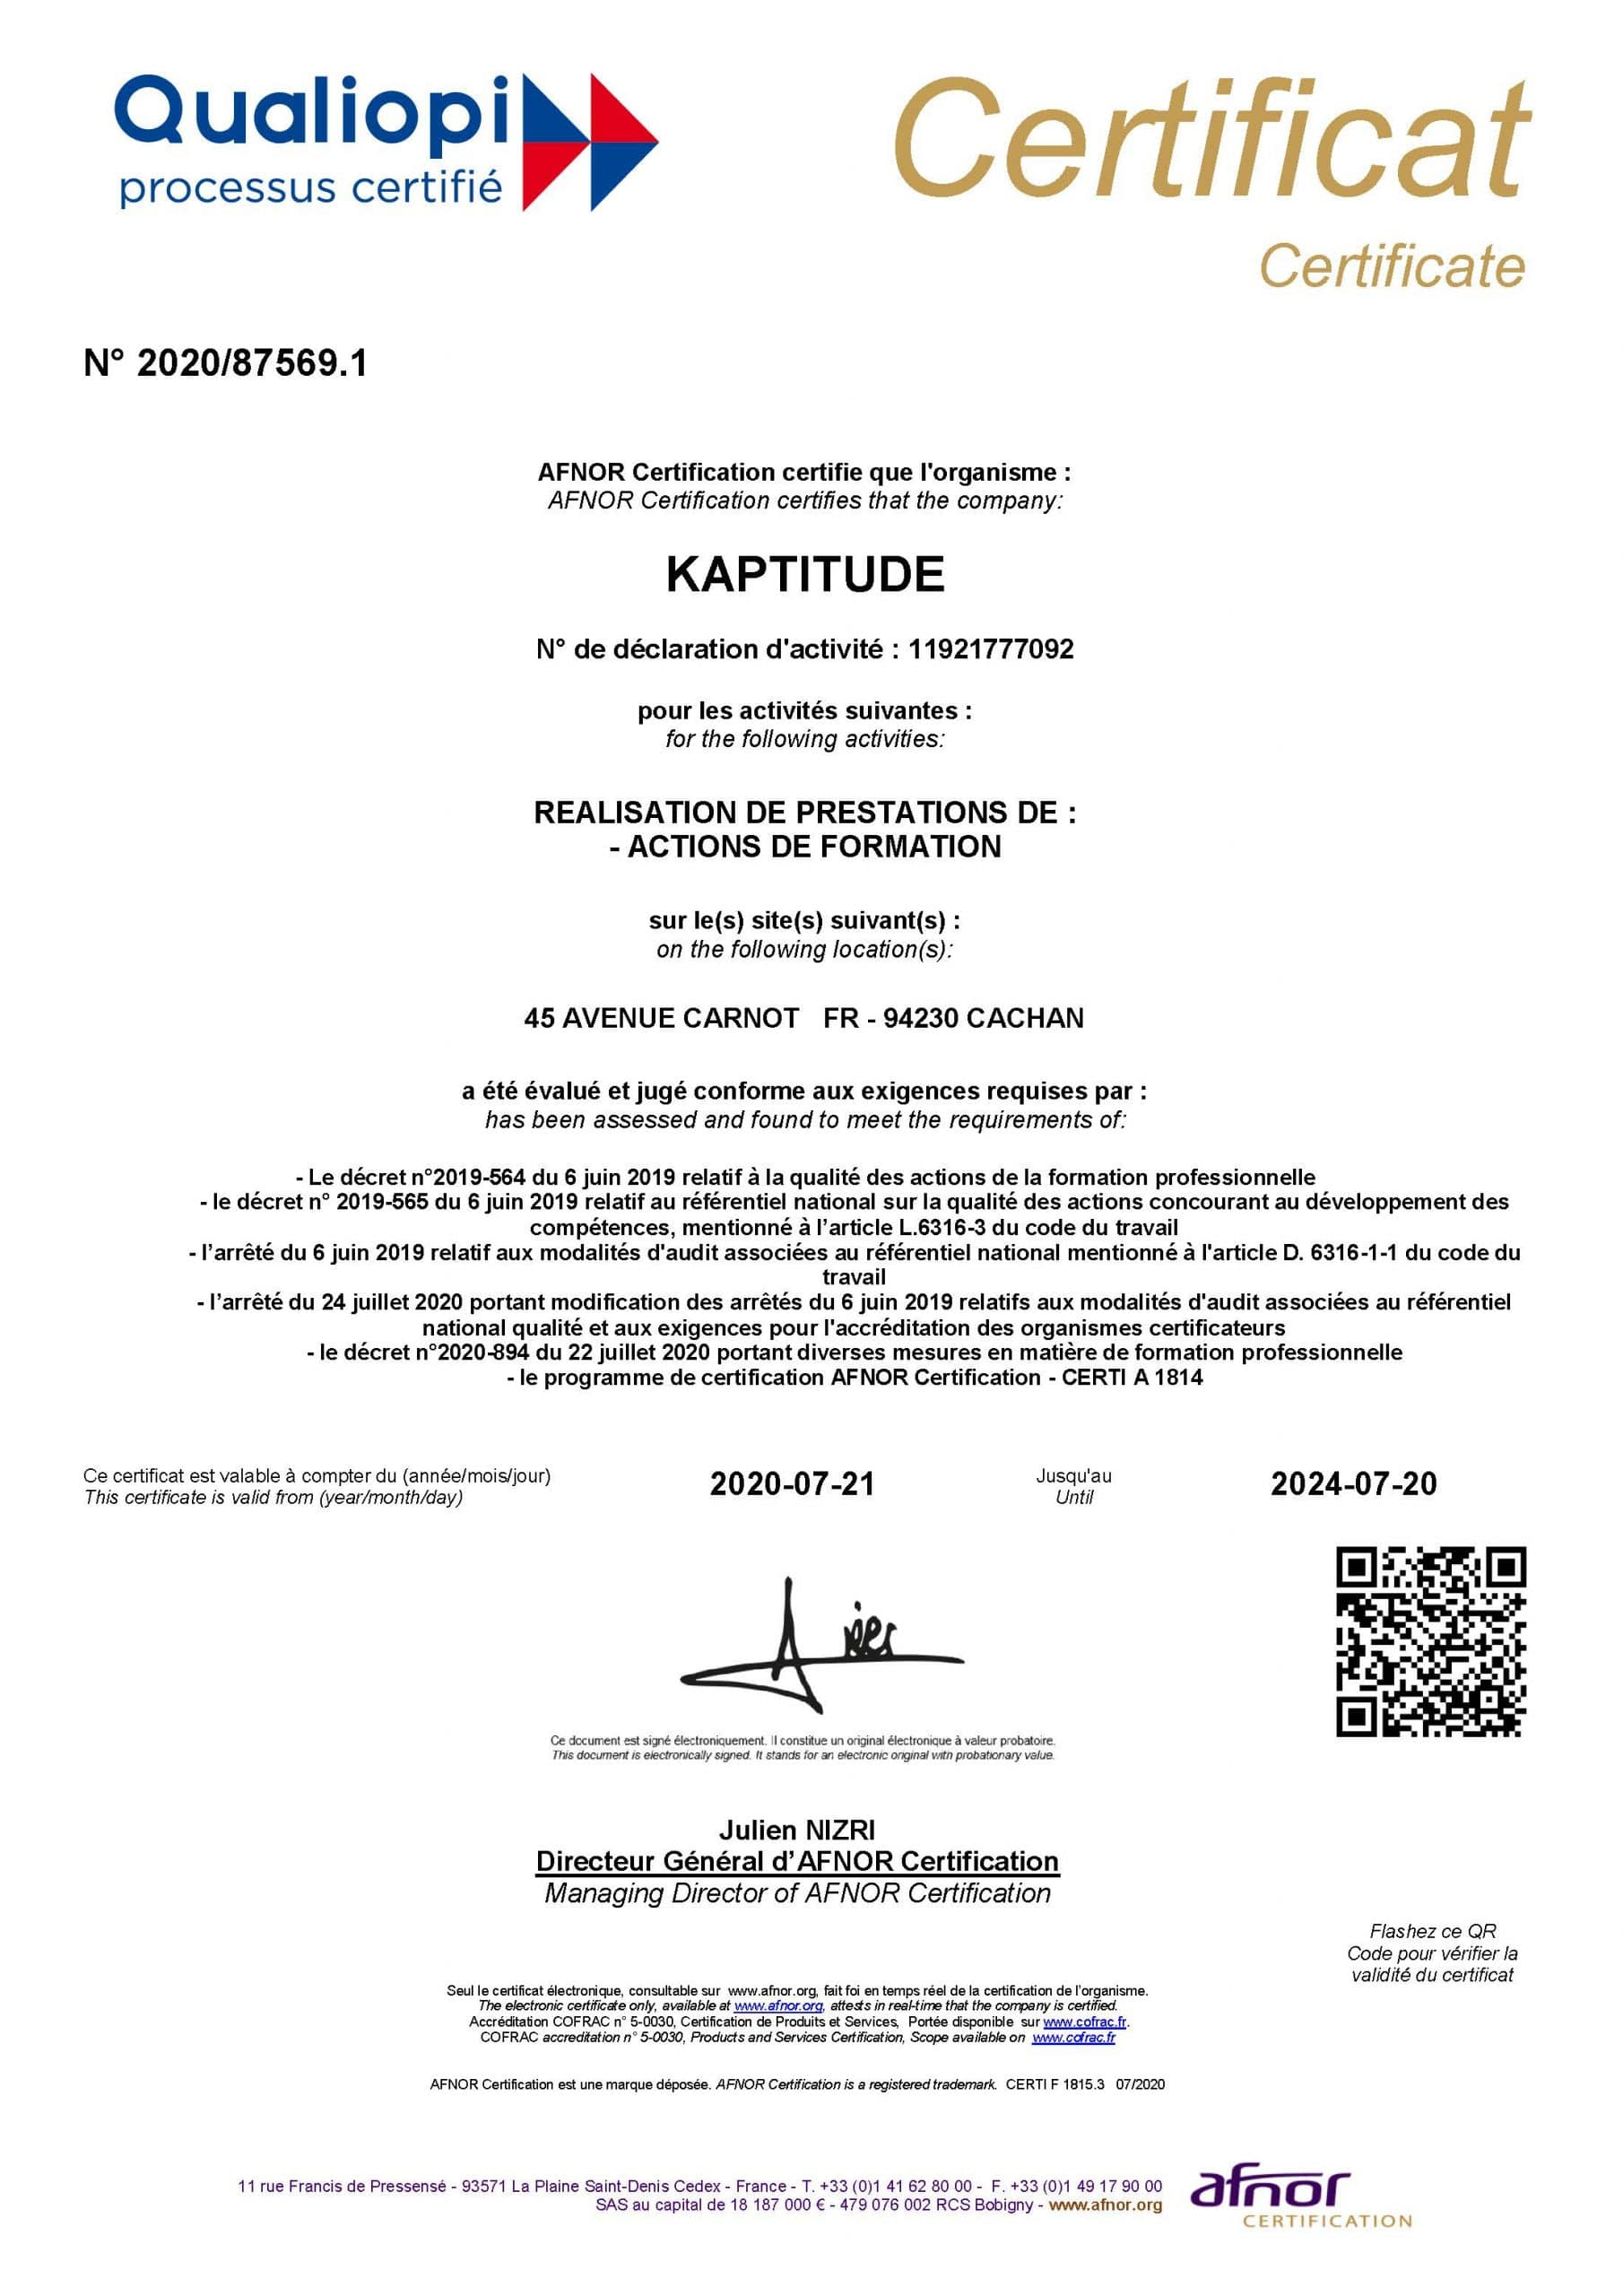 Certificat Qualiopi Kaptitude